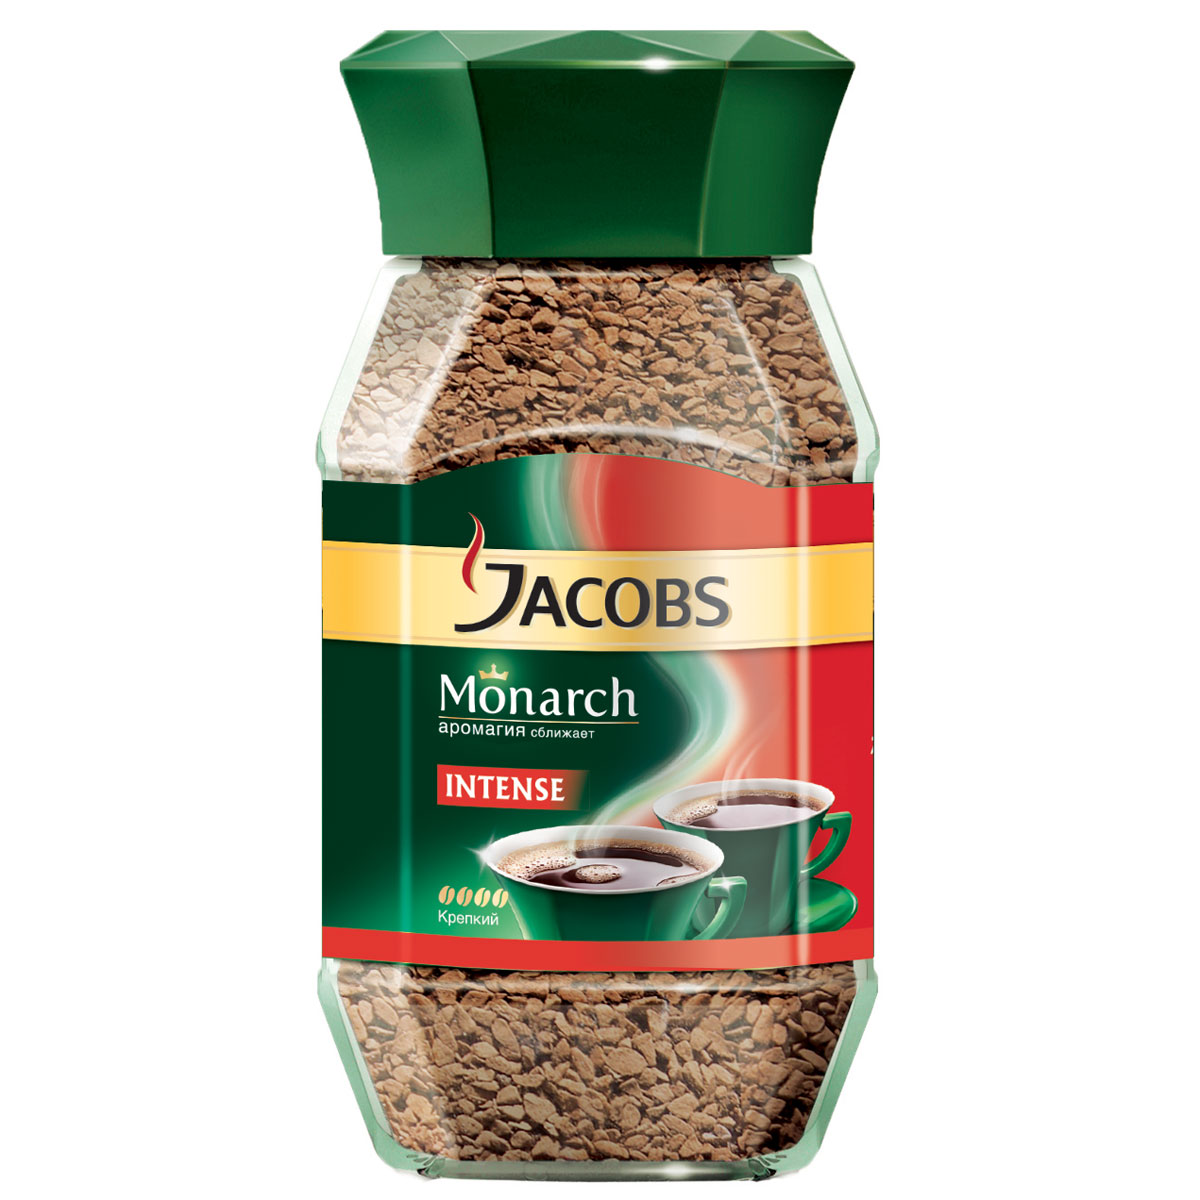 Jacobs Monarch Intense кофе растворимый, 47,5 г